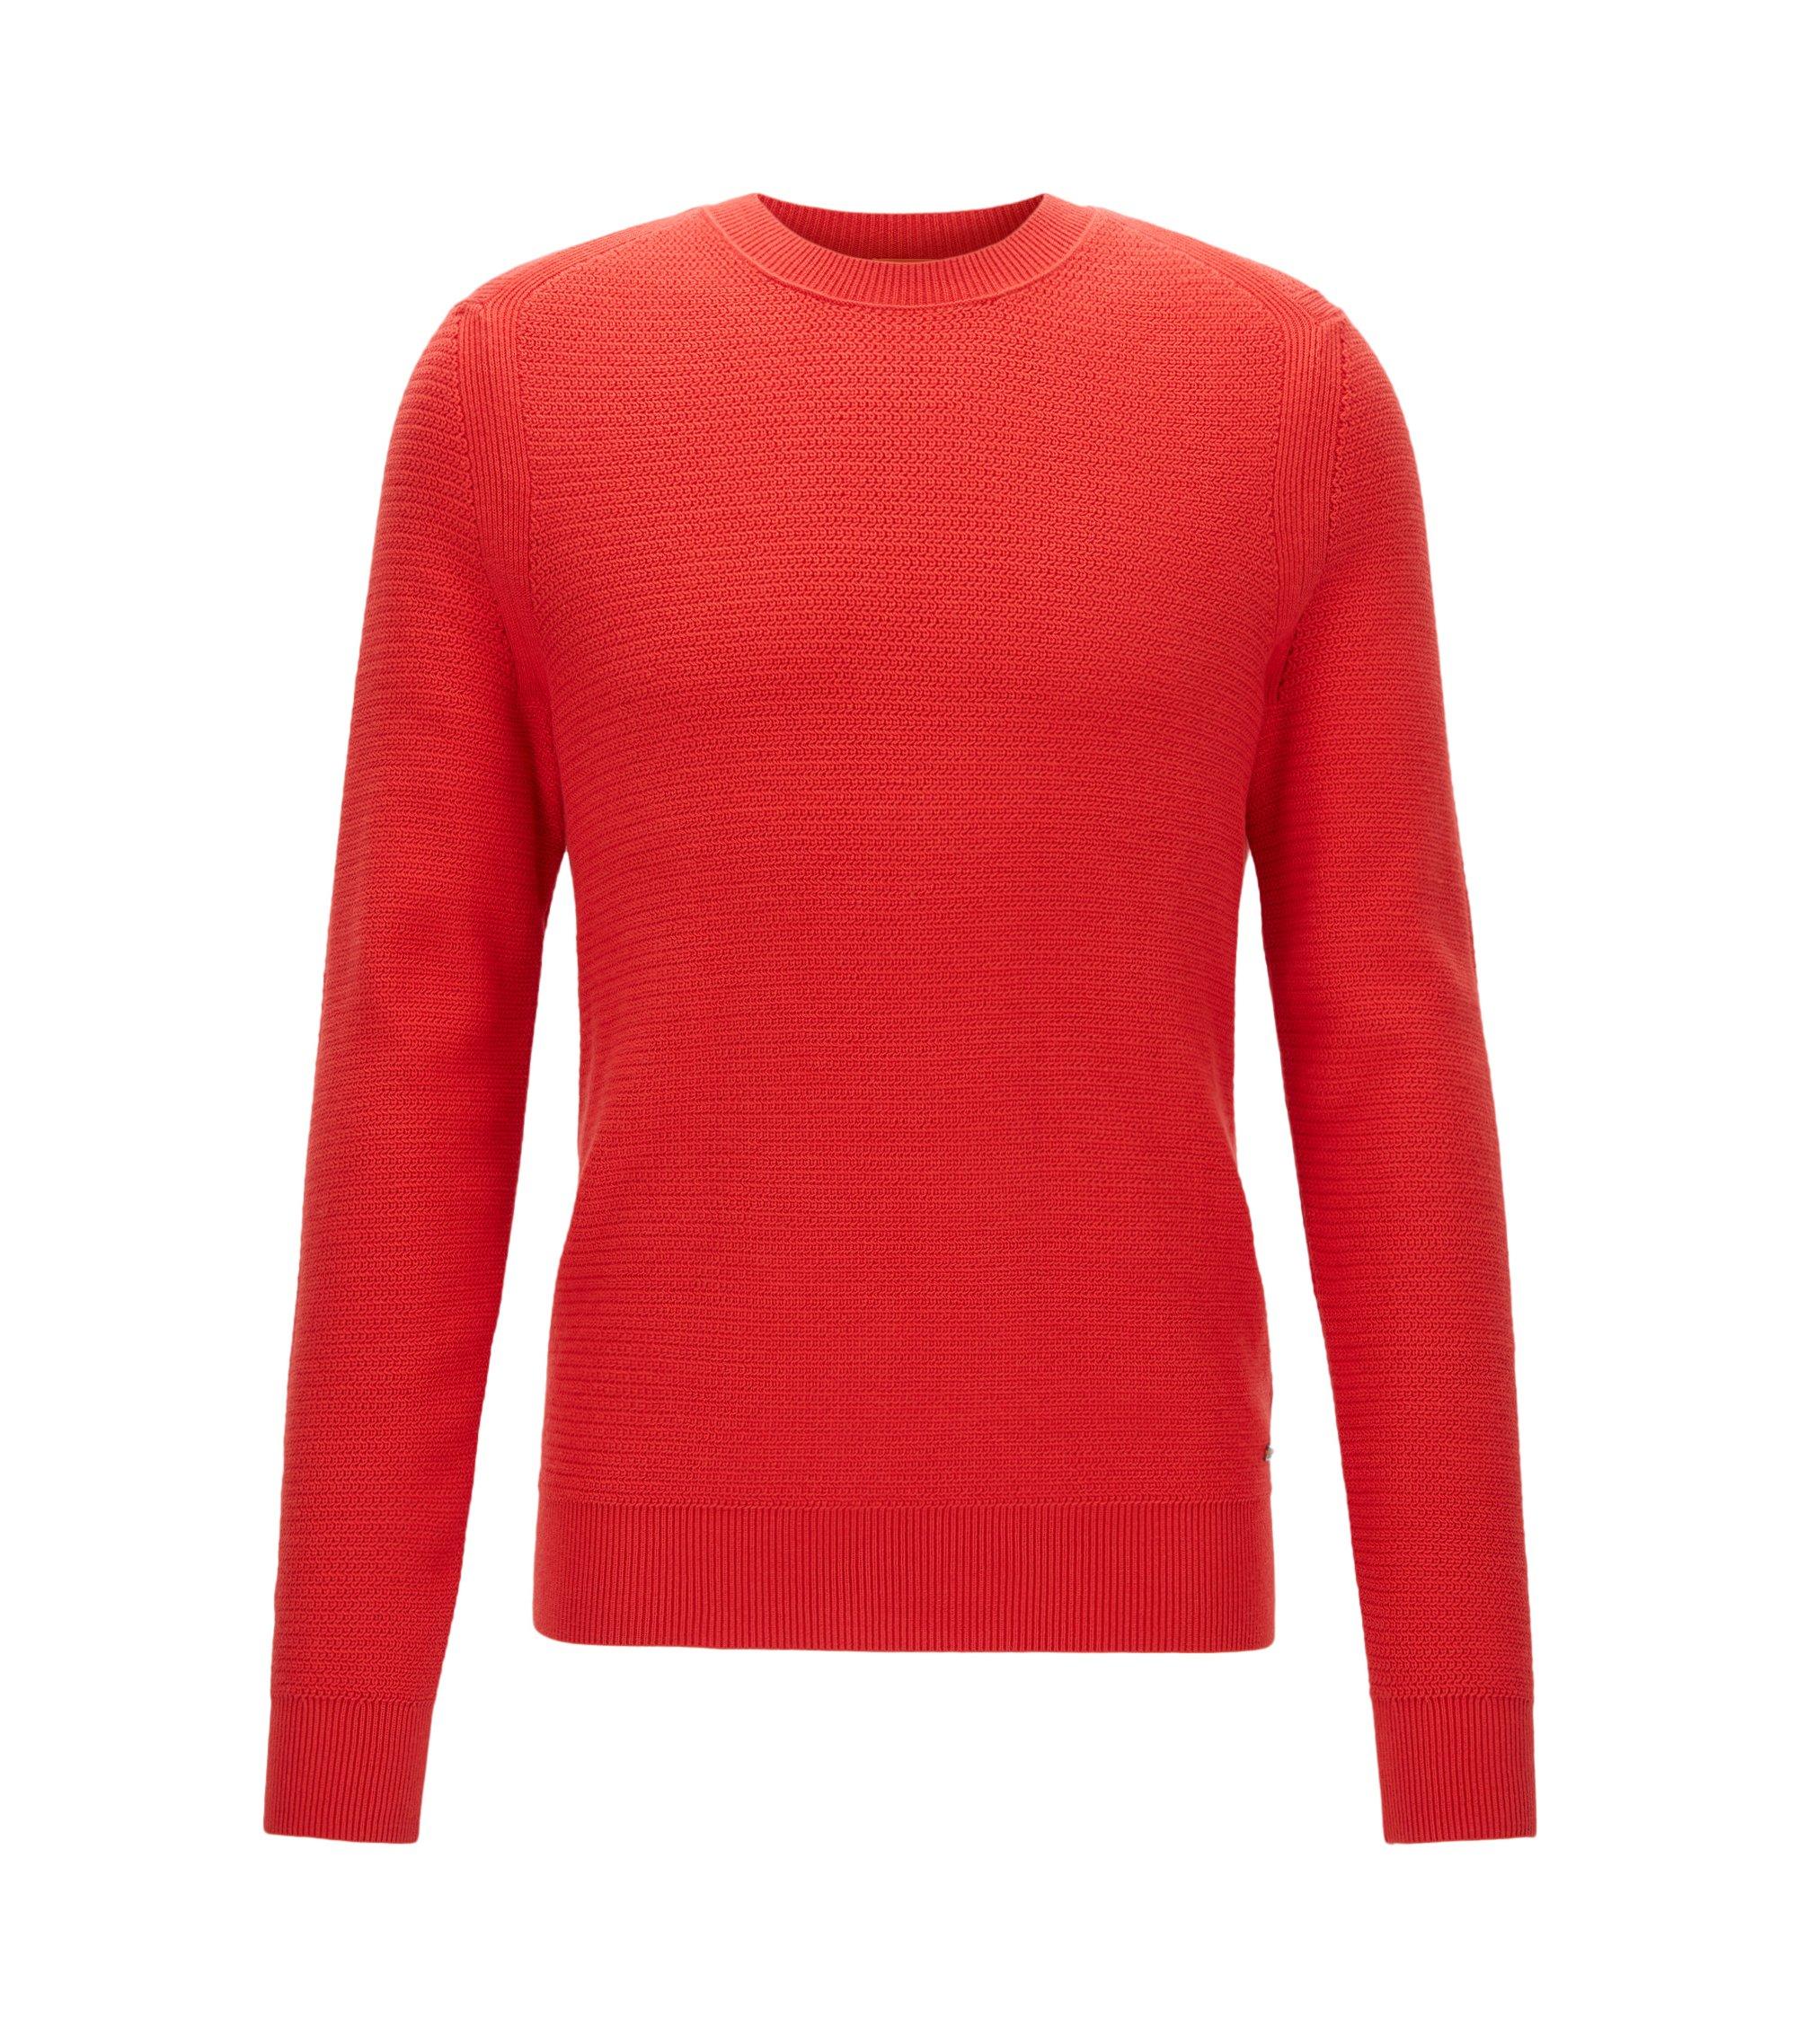 Maglione in misto cotone con lavorazione ibrida , Rosso